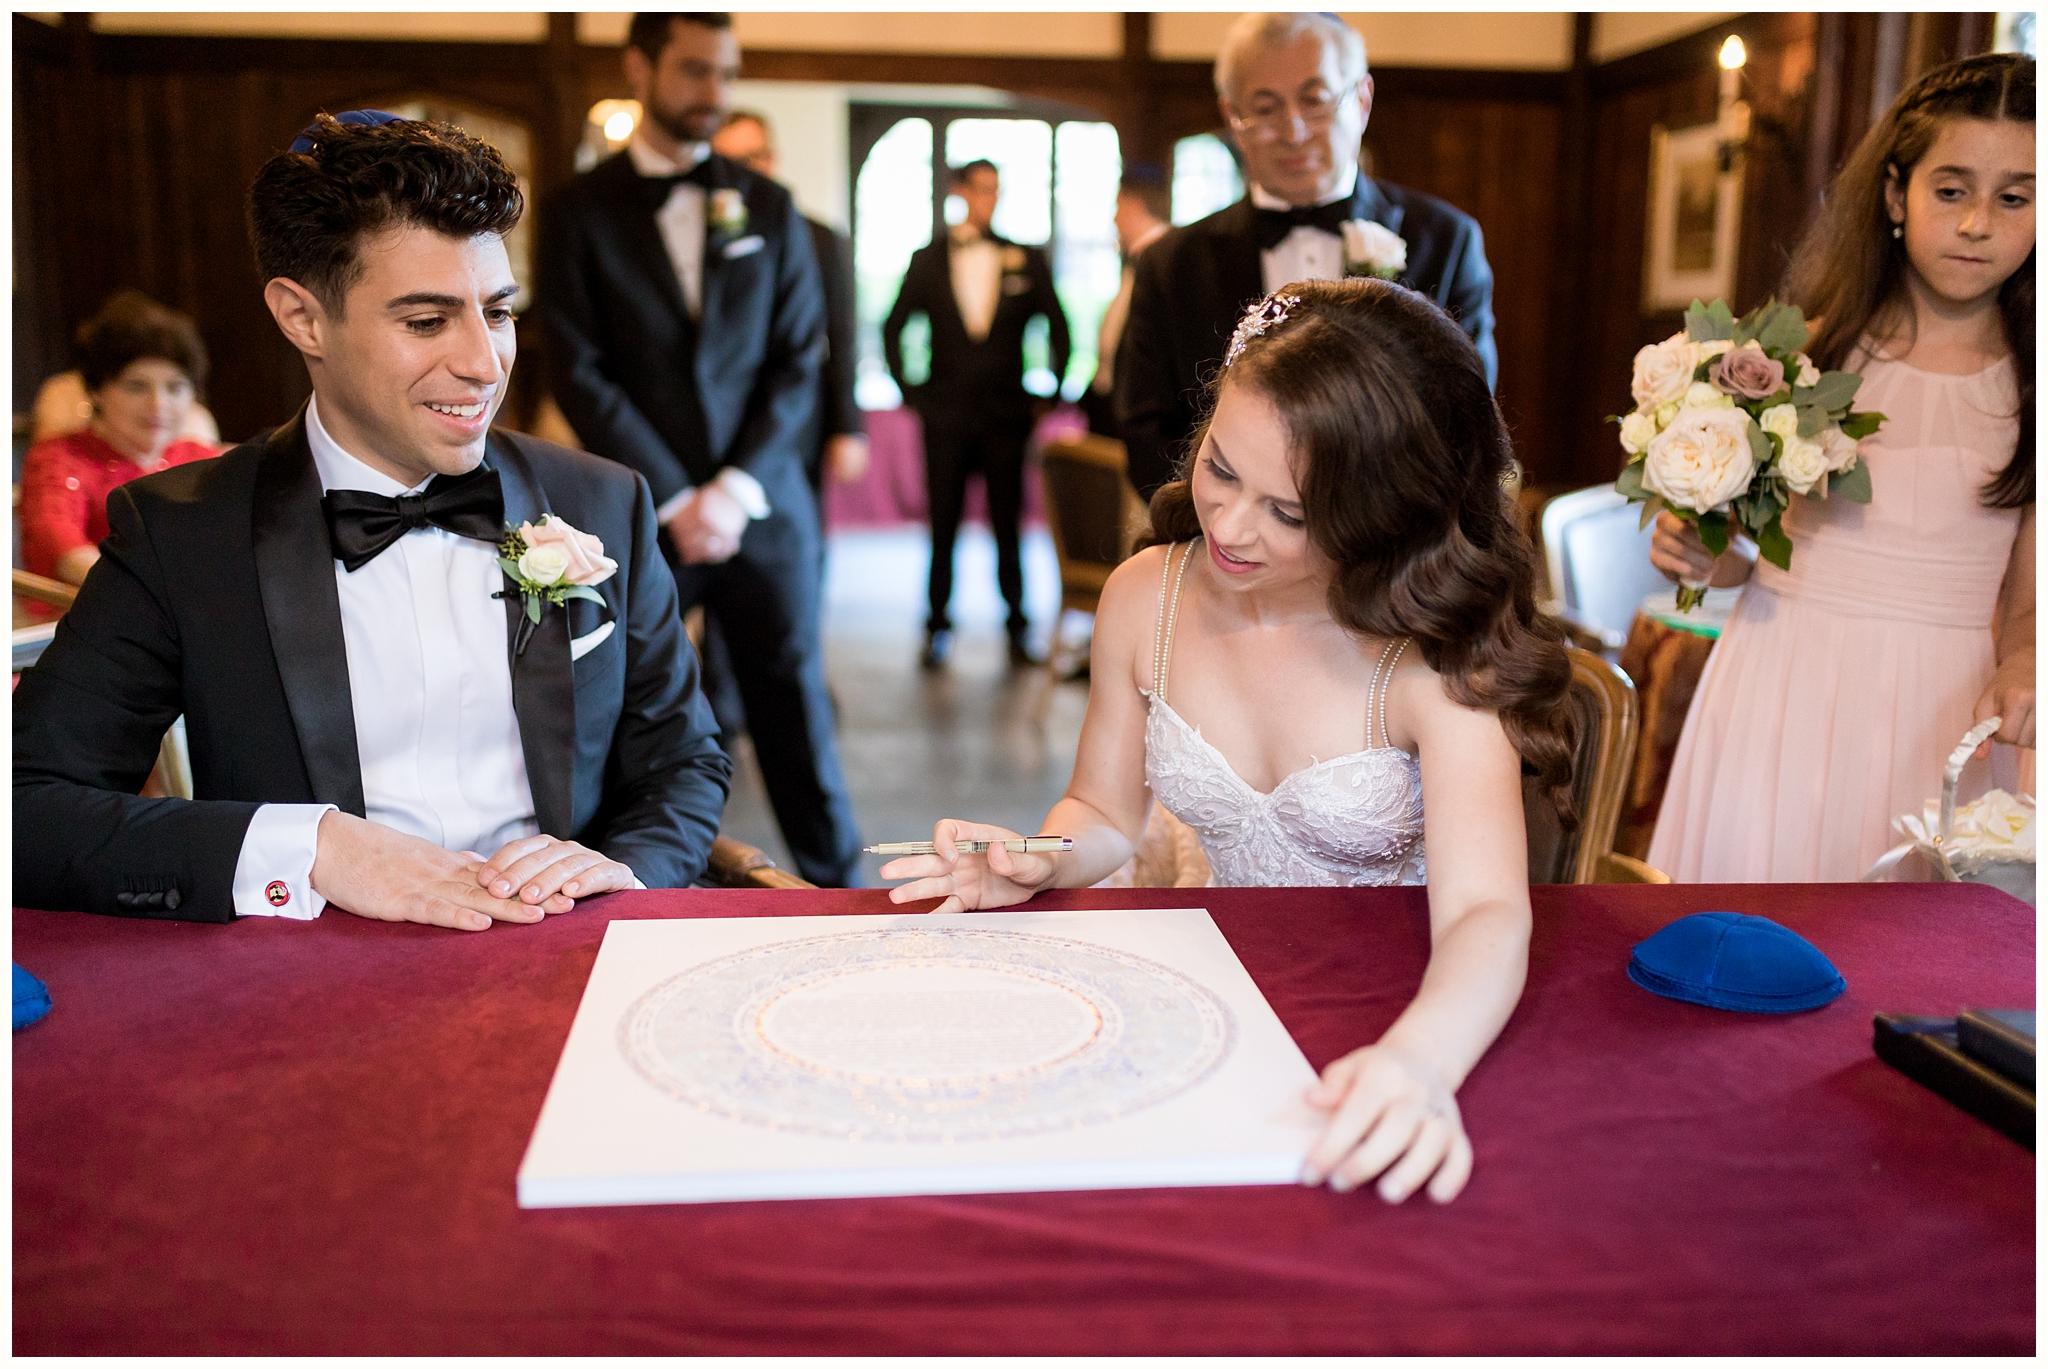 Pleasantdale Chateau Wedding NJ Wedding NYC Wedding Photographer_0029.jpg